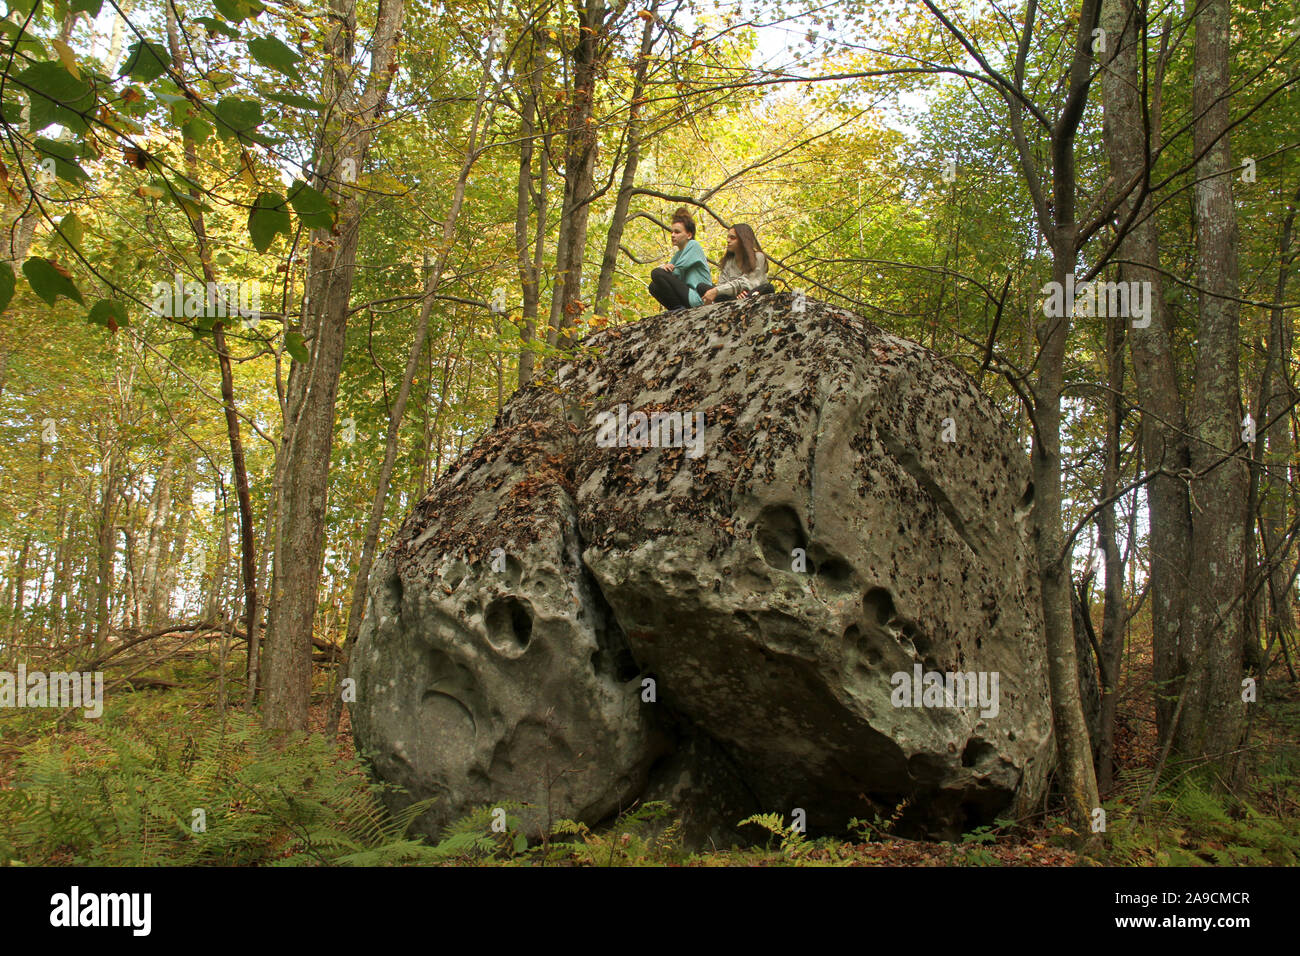 Los canales preservar áreas naturales, VA, Estados Unidos. Las niñas en la parte superior de boulder en las montañas. Foto de stock